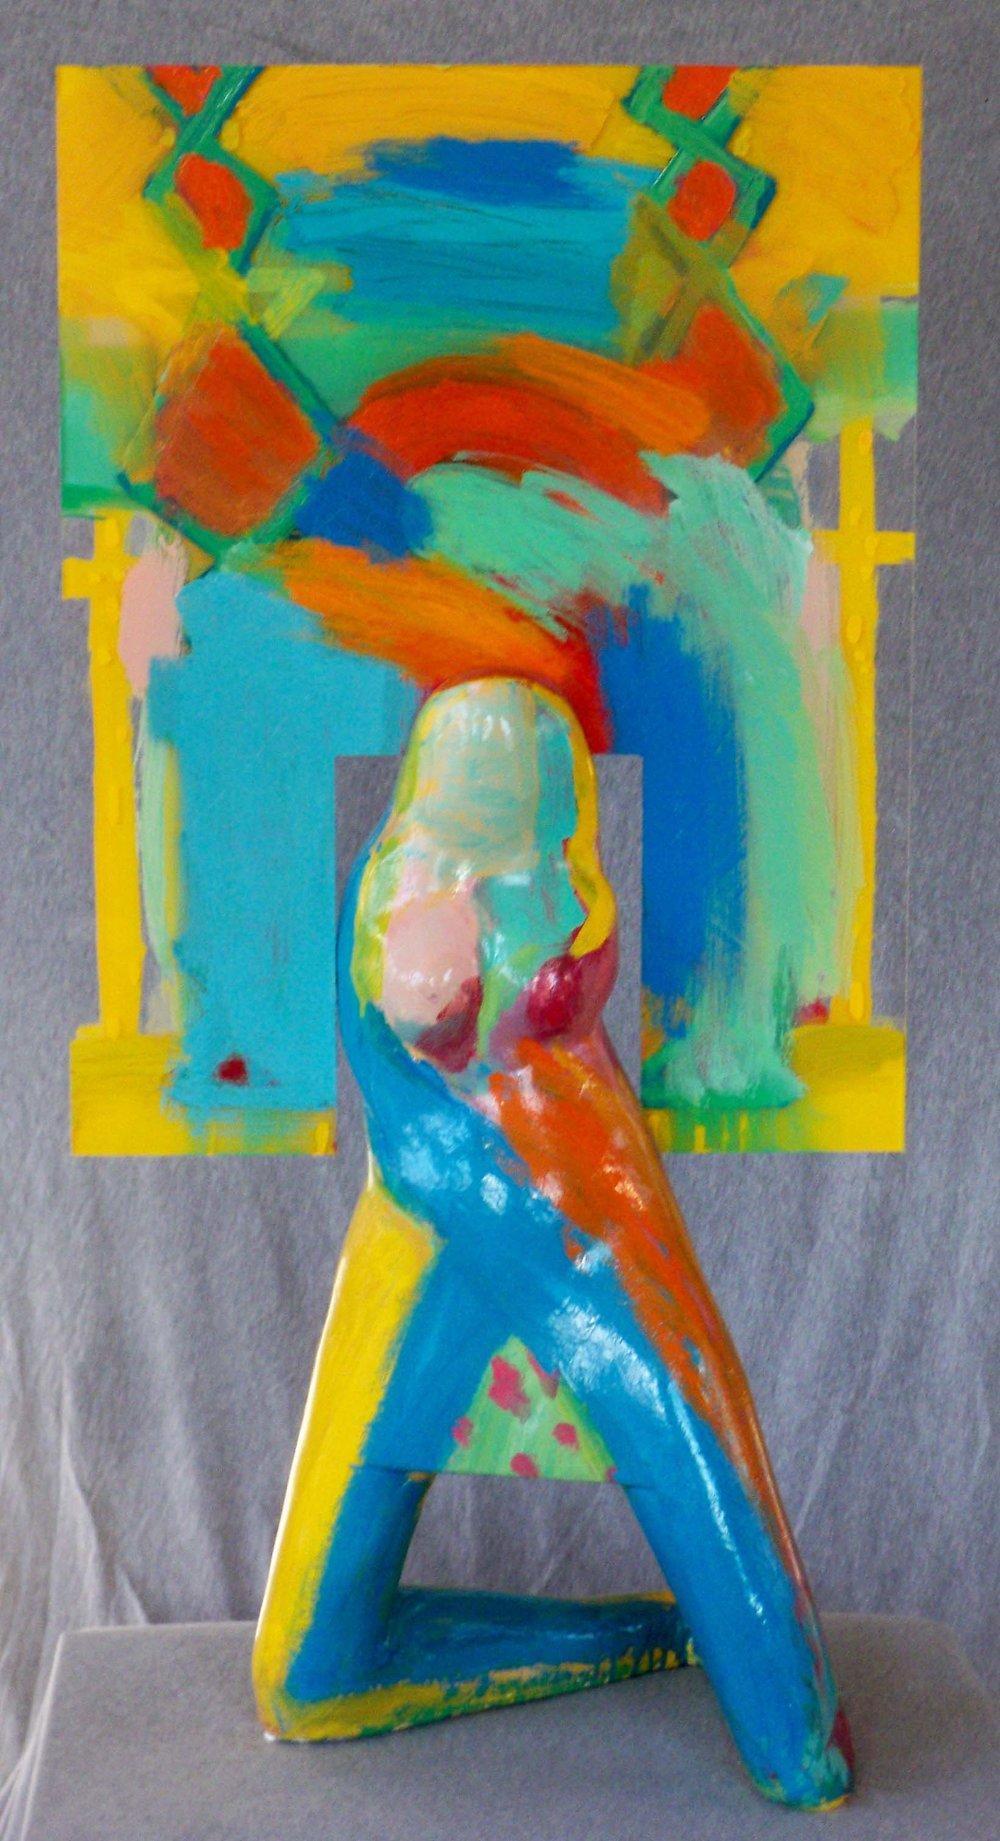 plaster, plexi-glass, enamel paint